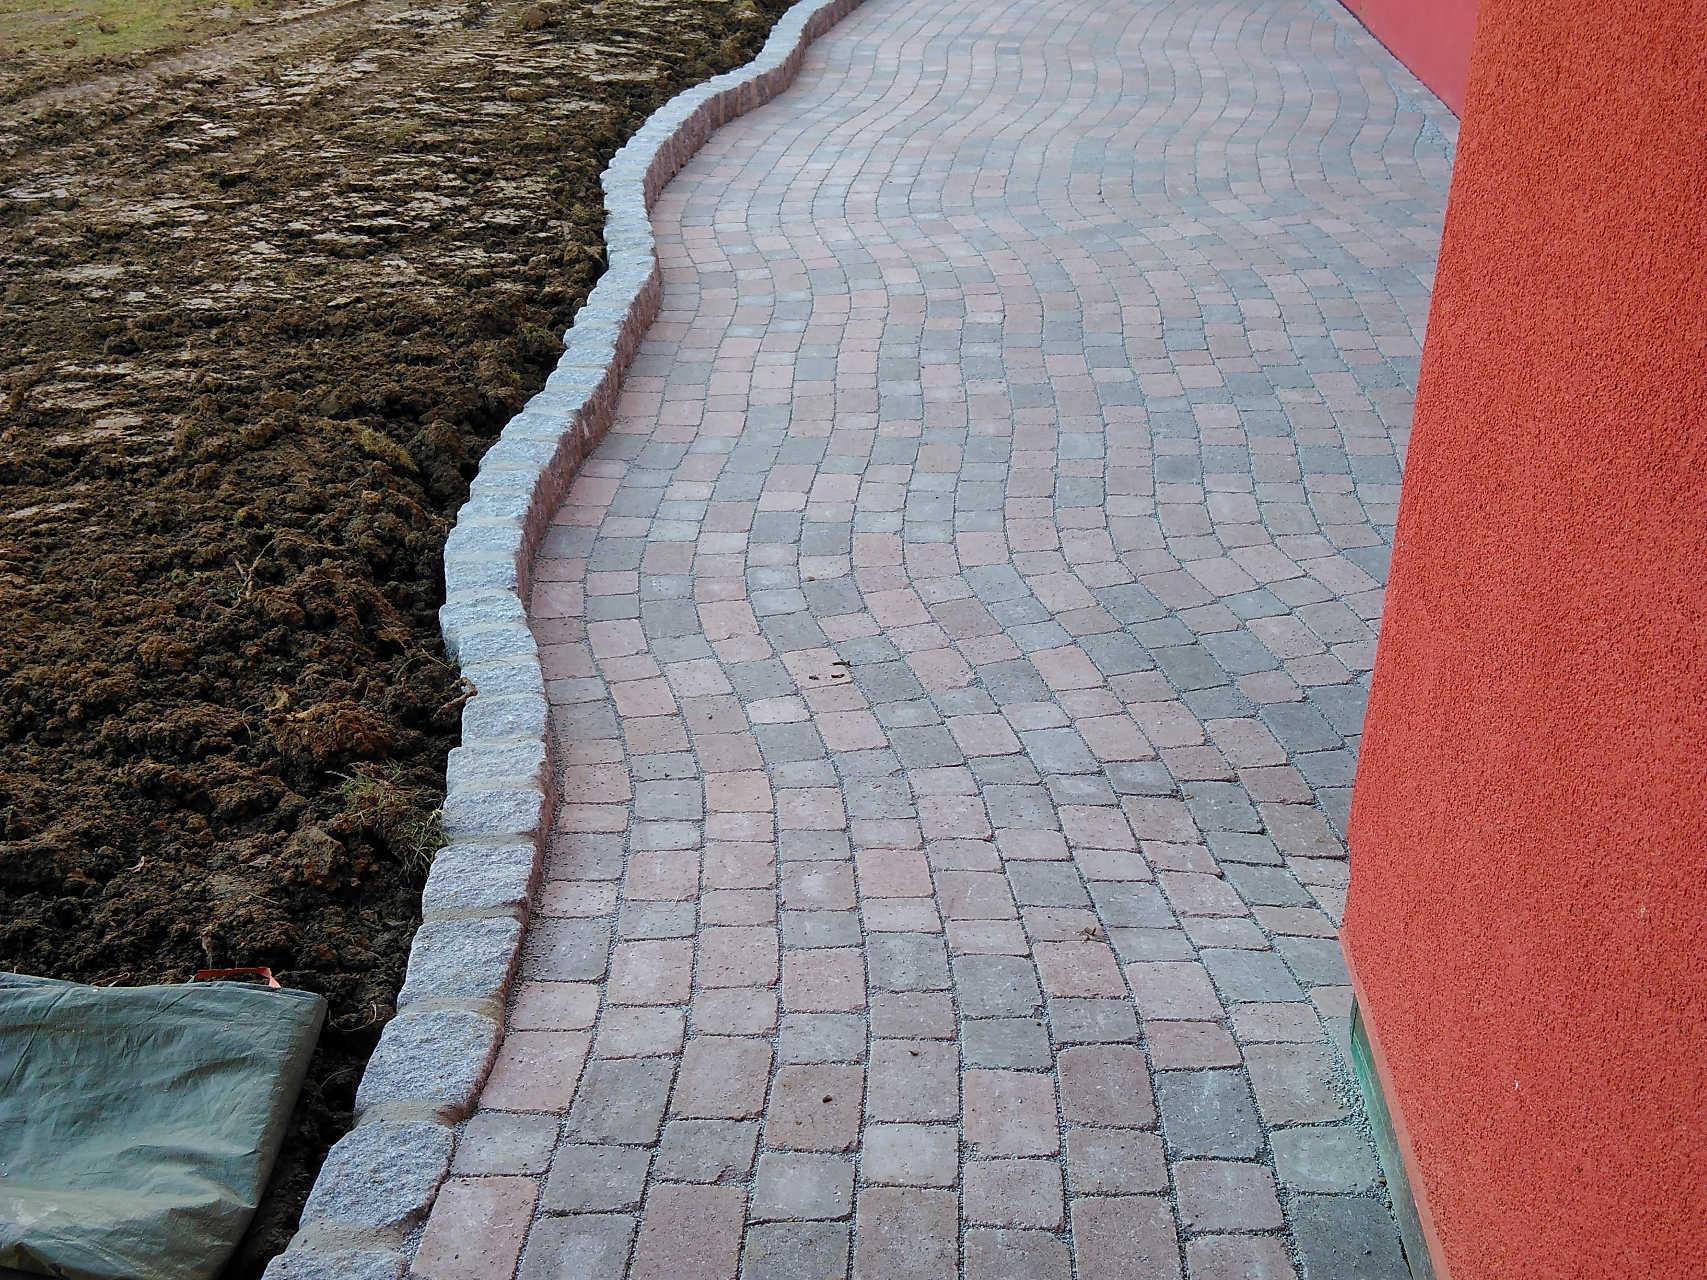 Terrasse aus Ökopflaster kombiniert mit Granitpflaster